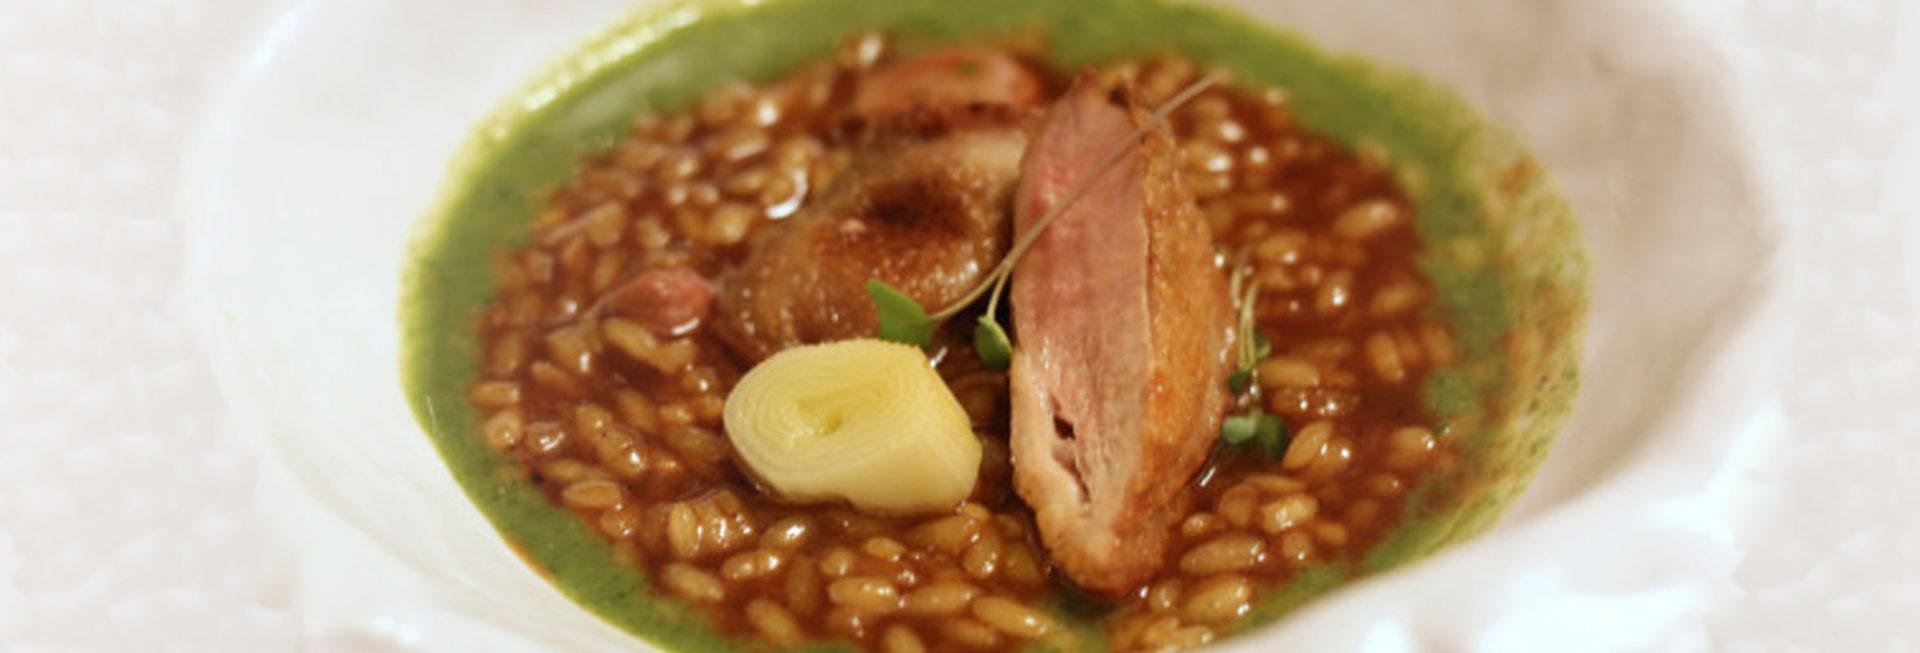 hotel-villa-retiro-restaurante-estrella-michelin-Xerta-Ebre-menu-del-arroz